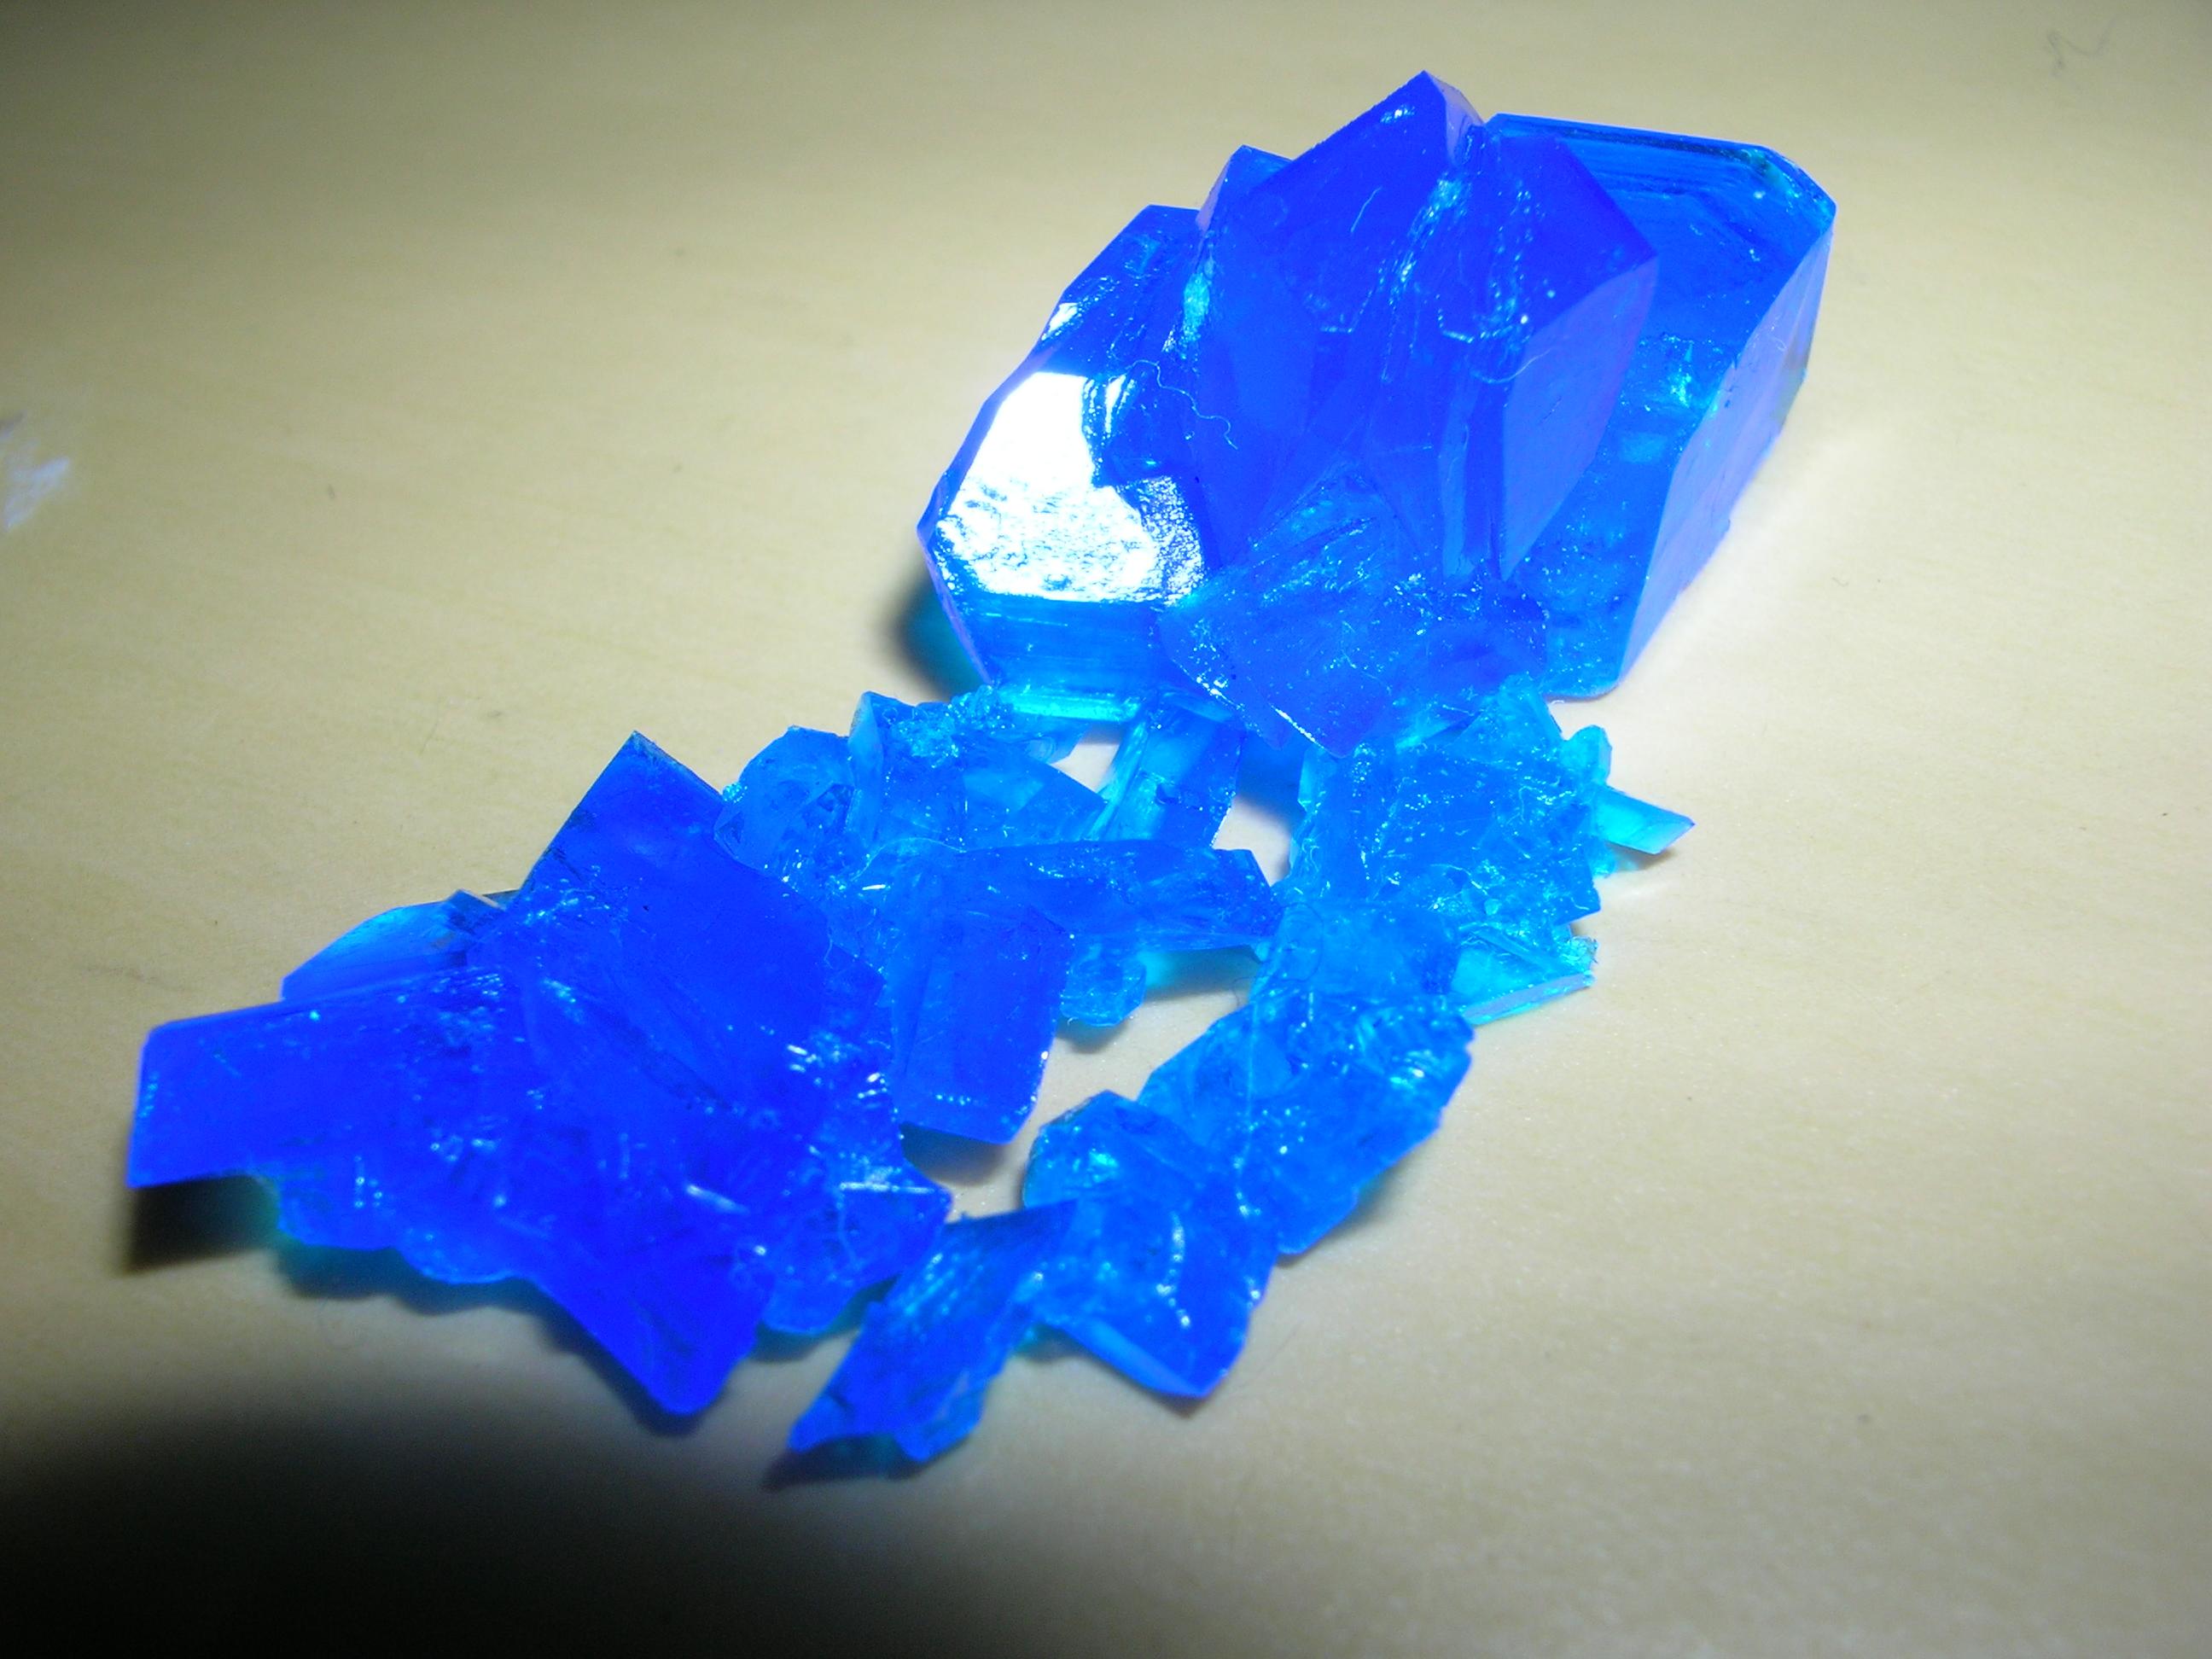 Kuparisulfaatti